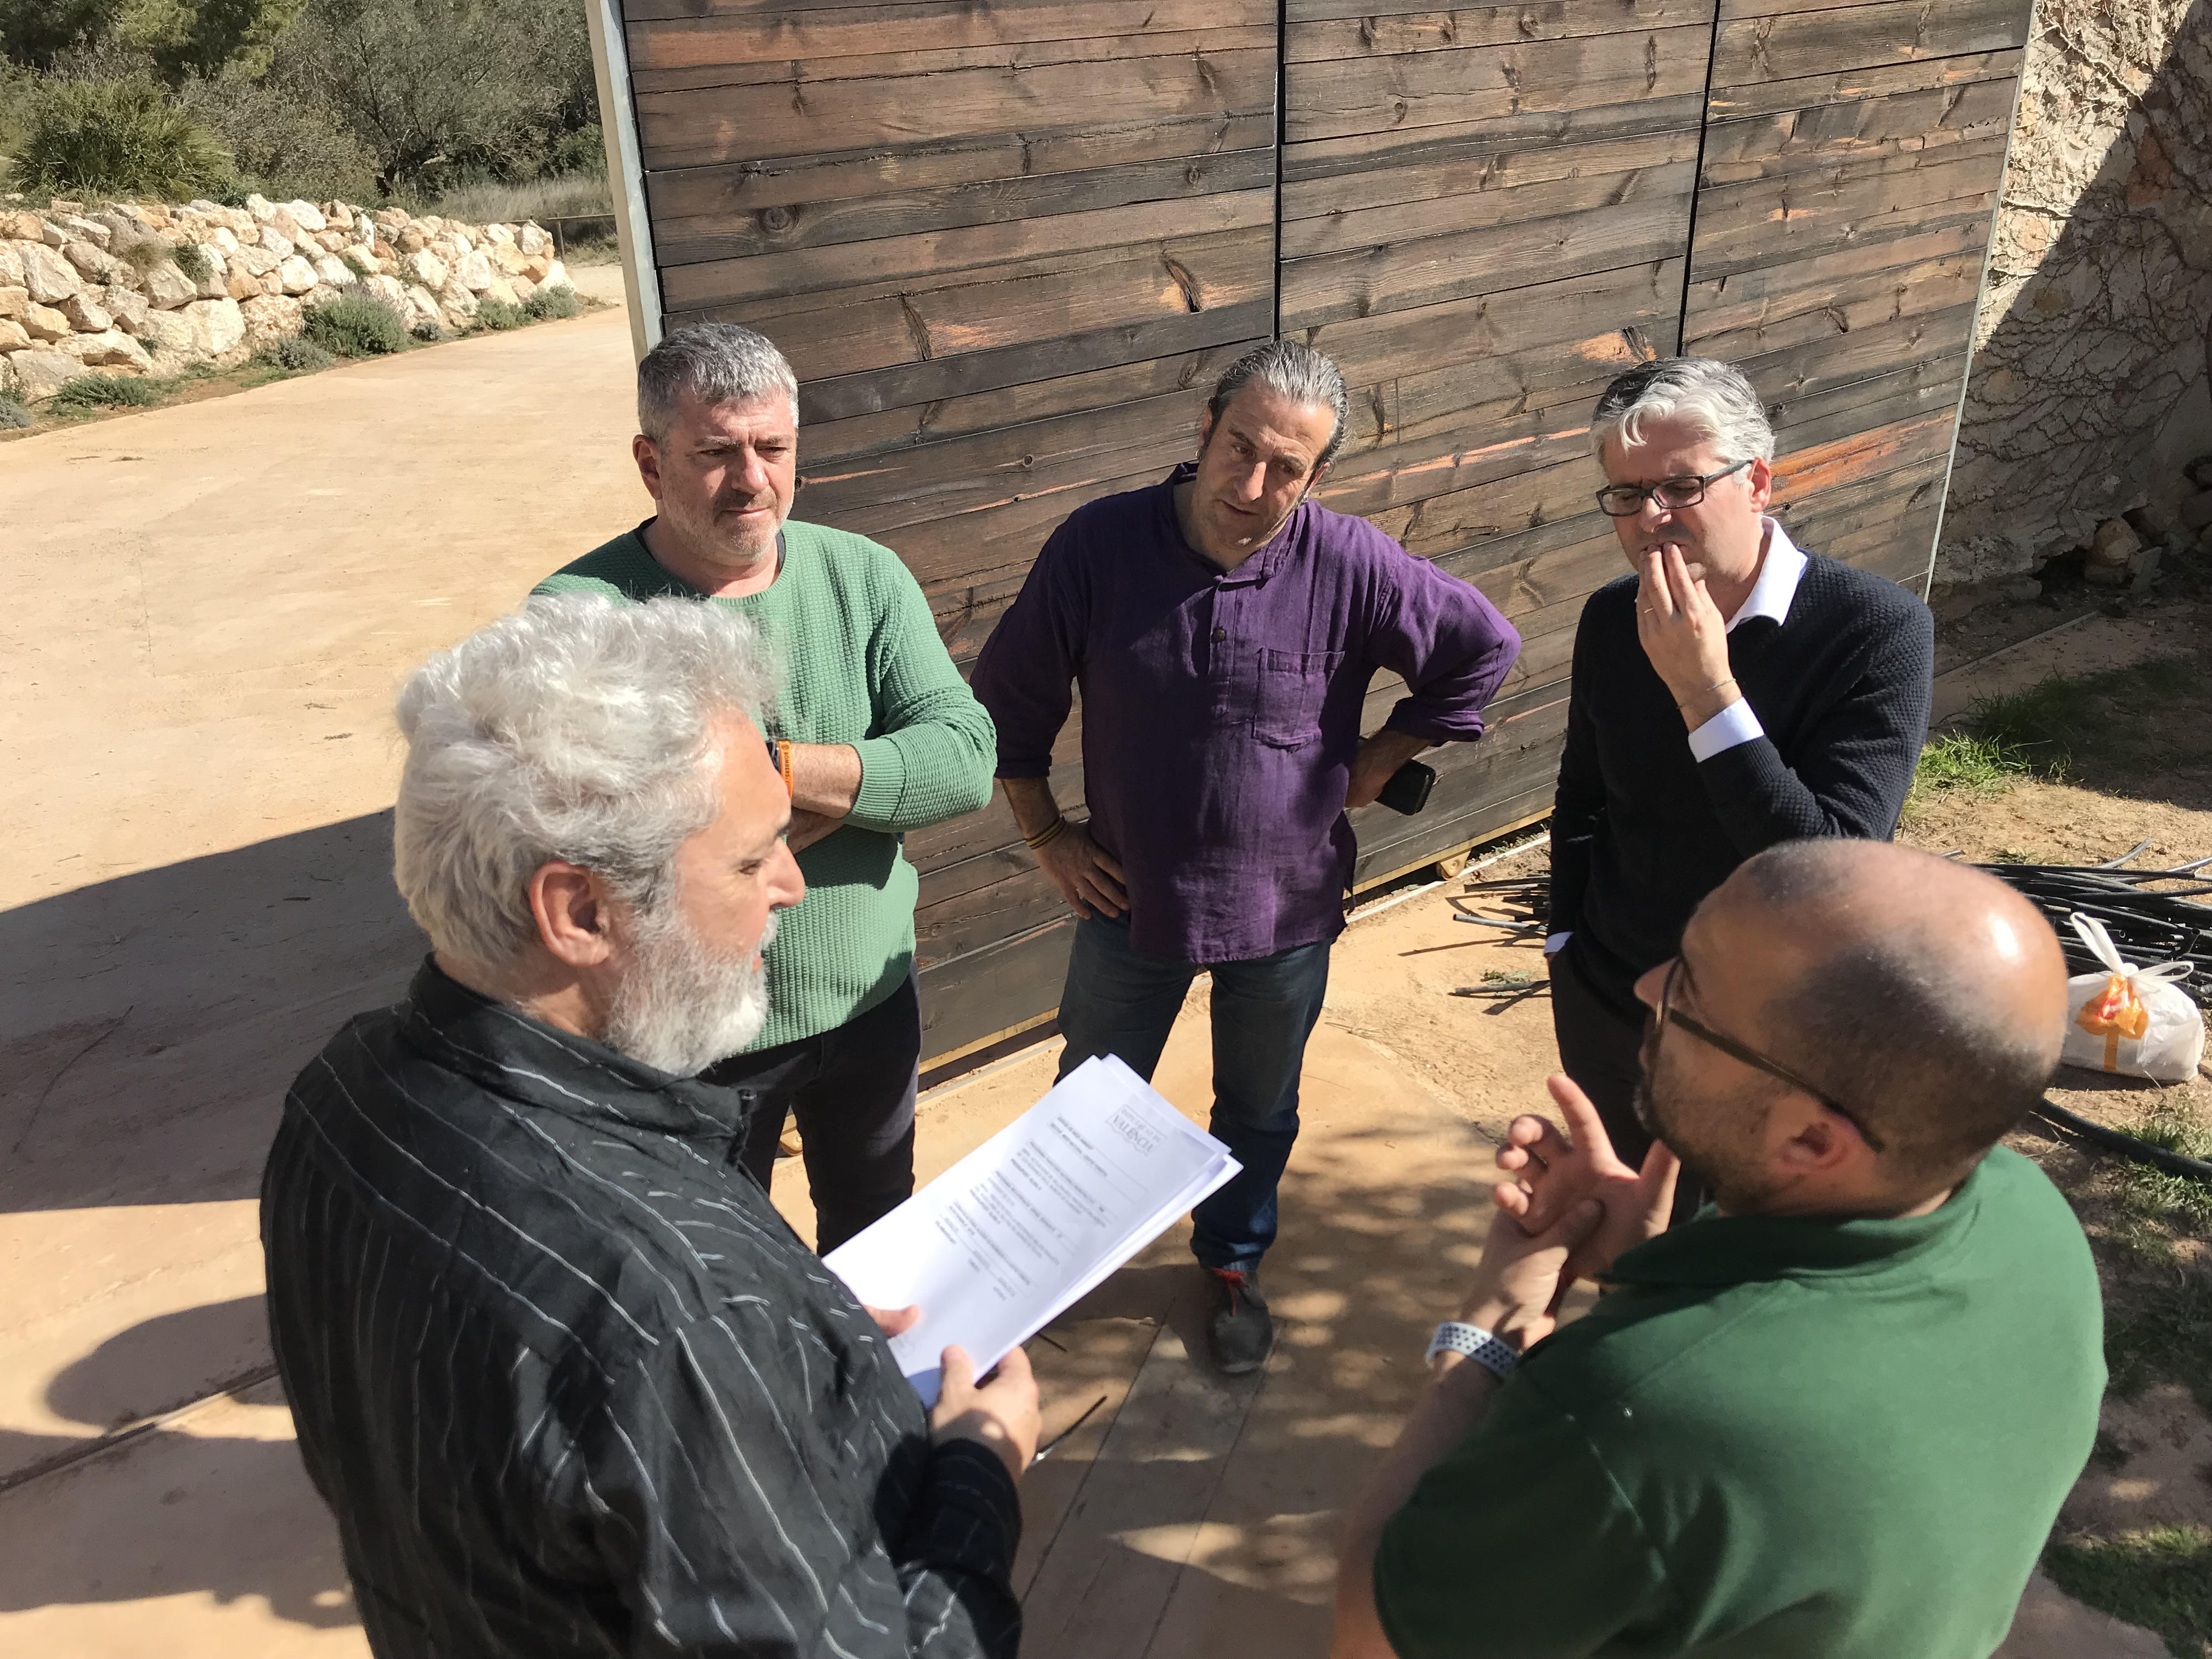 El diputado de Medio Ambiente, Josep Bort, ha visitado este paraje acompañado por el alcalde del municipio, Jesús Montesinos.